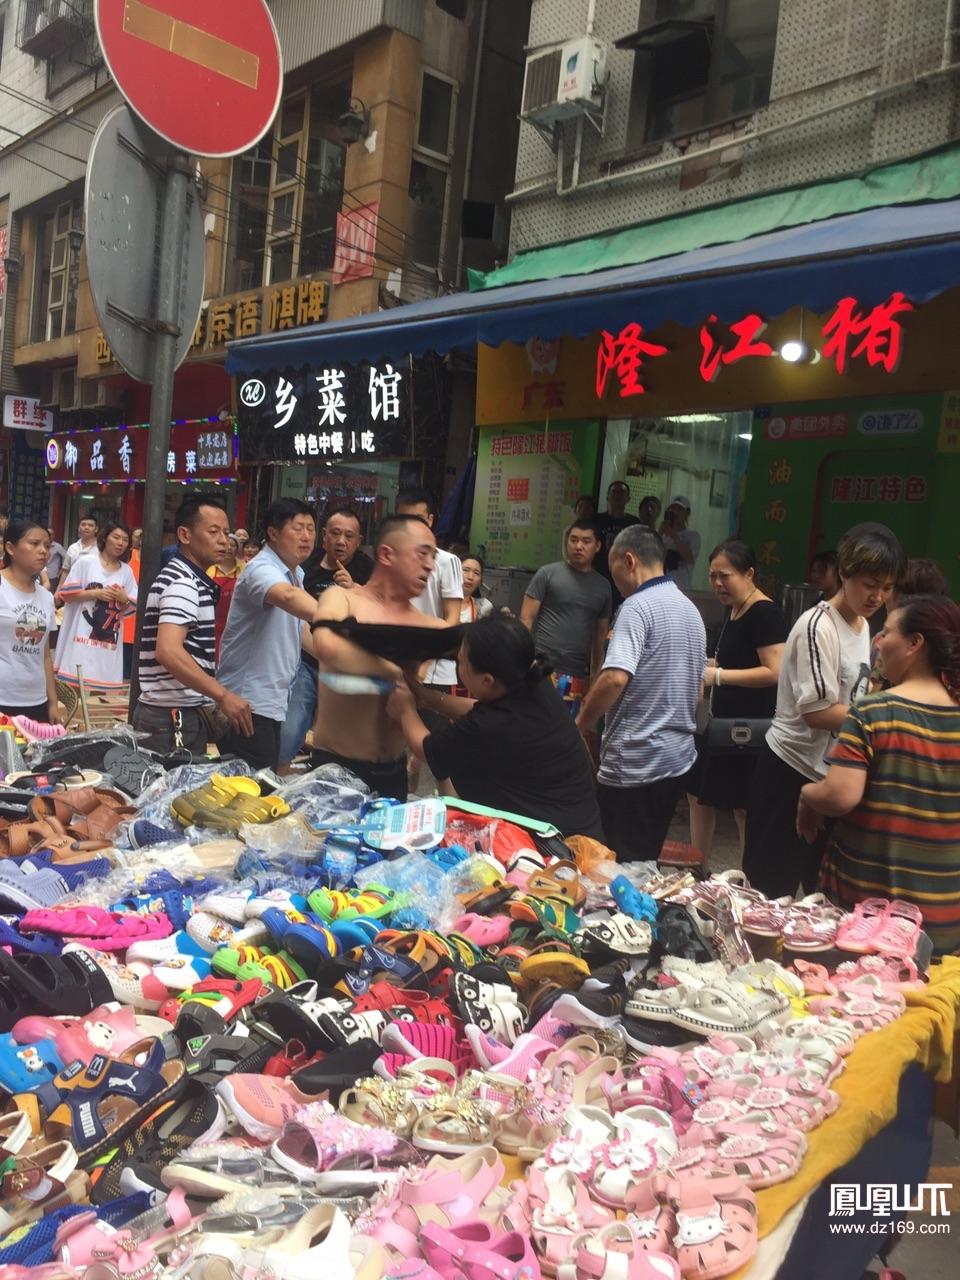 中心广场旁边风翔街,几个人在抓抓扯扯为了啥?